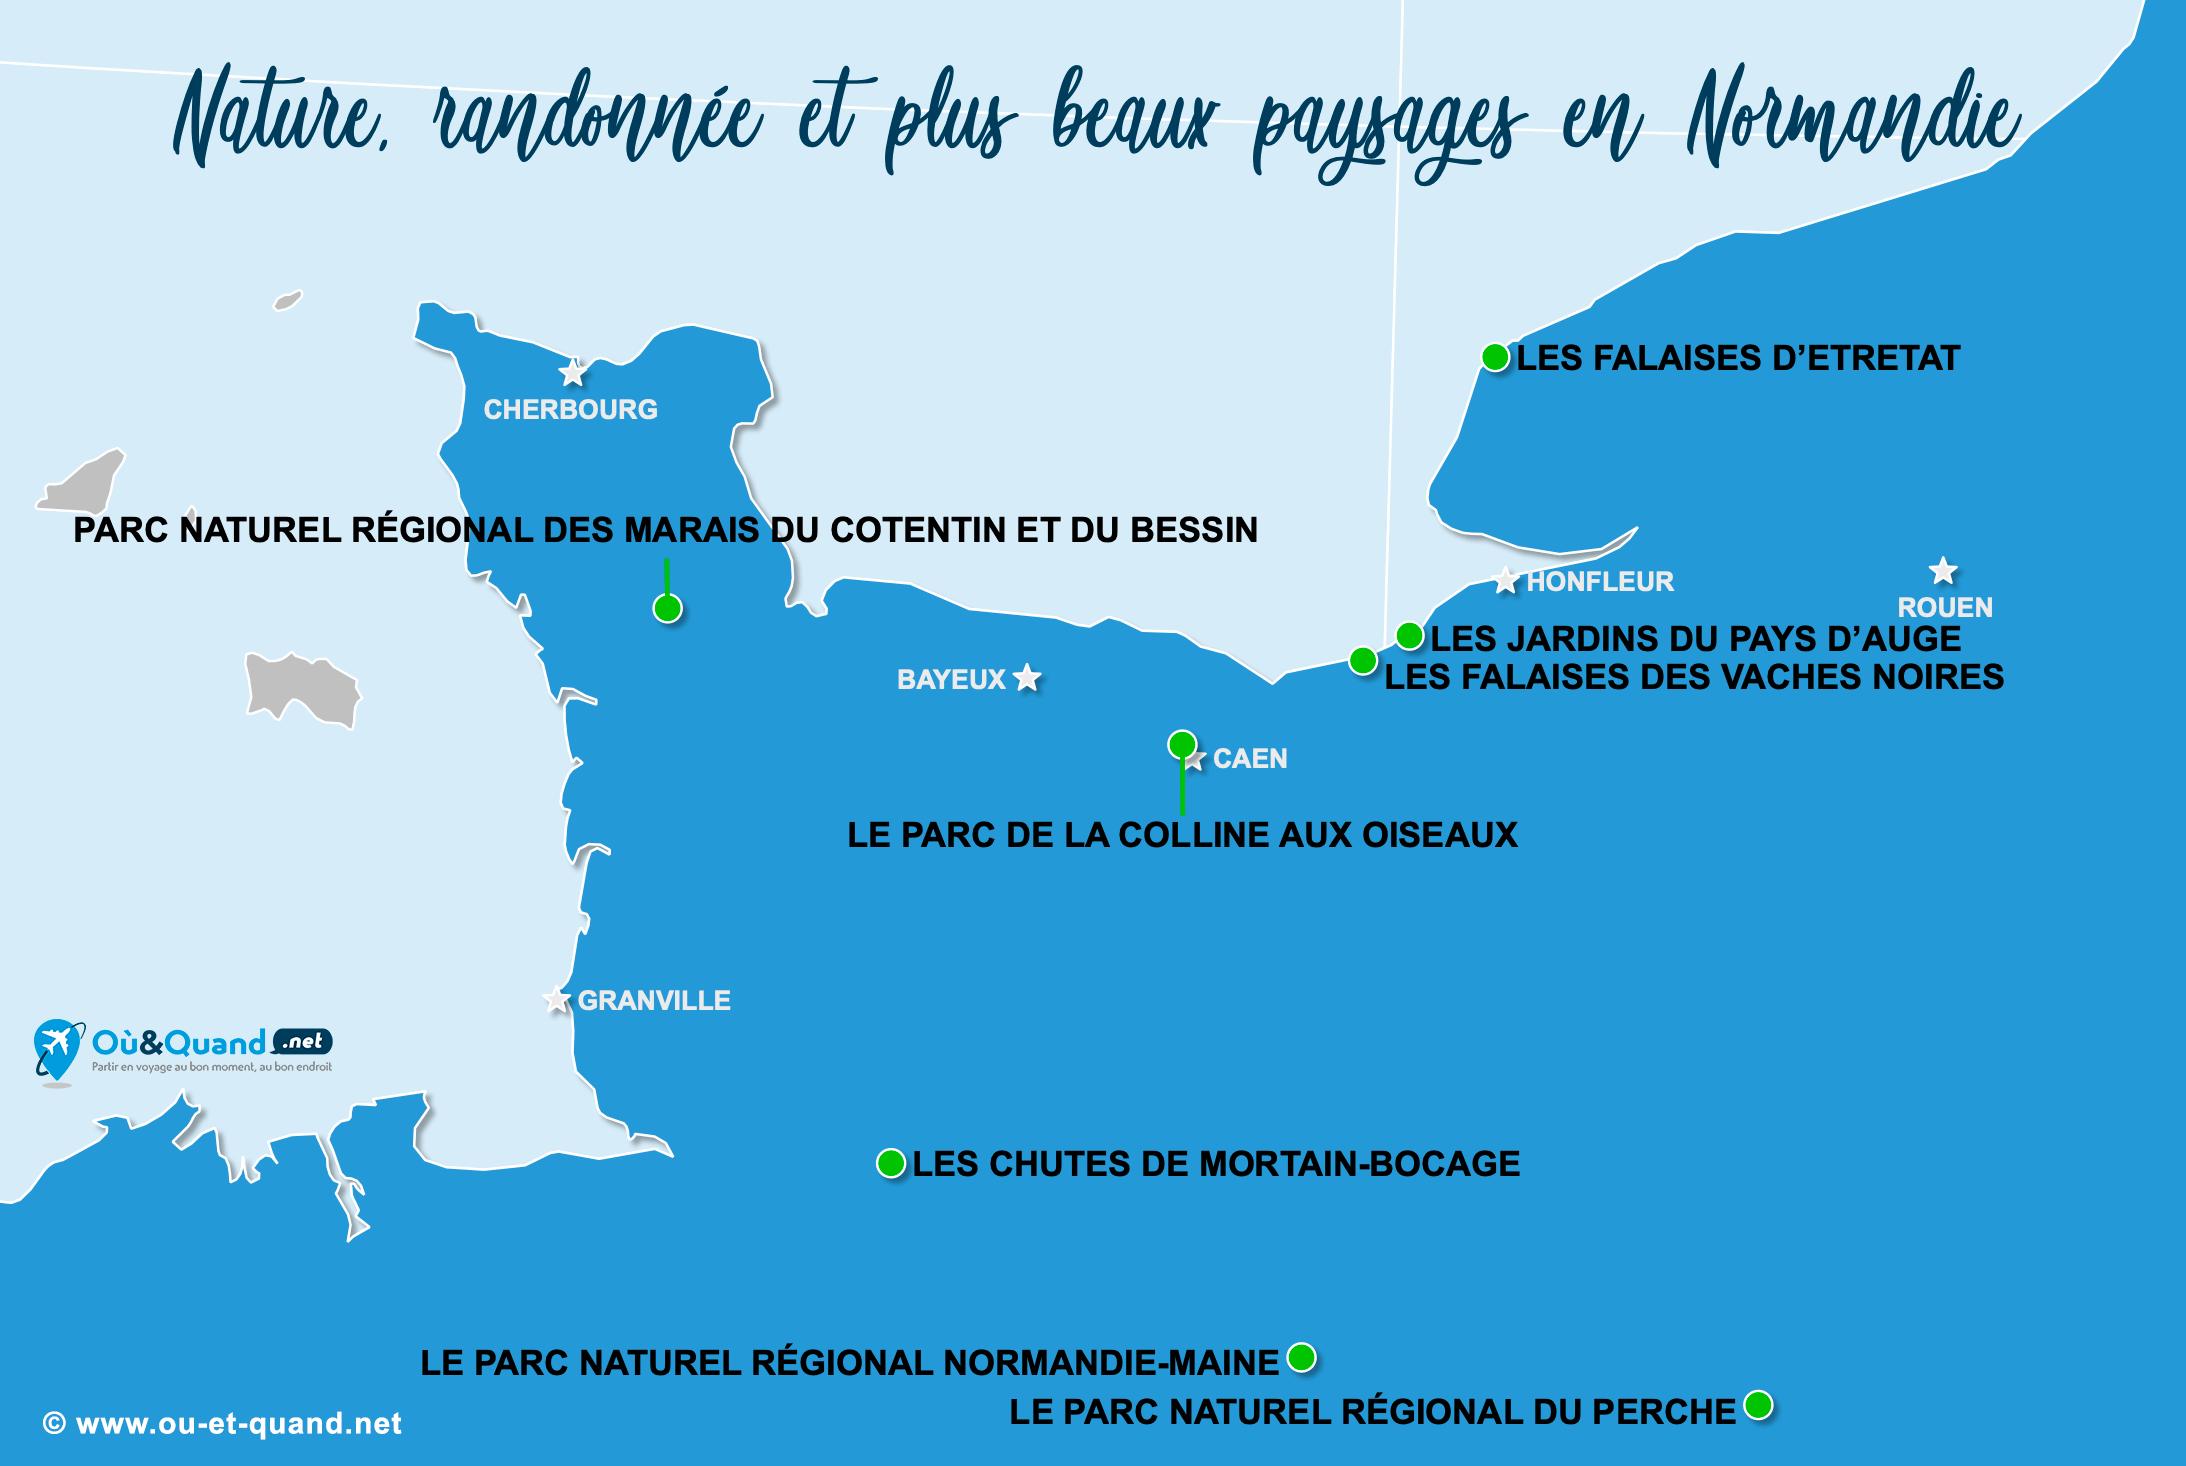 Carte Normandie : Les plus beaux paysages de la Normandie